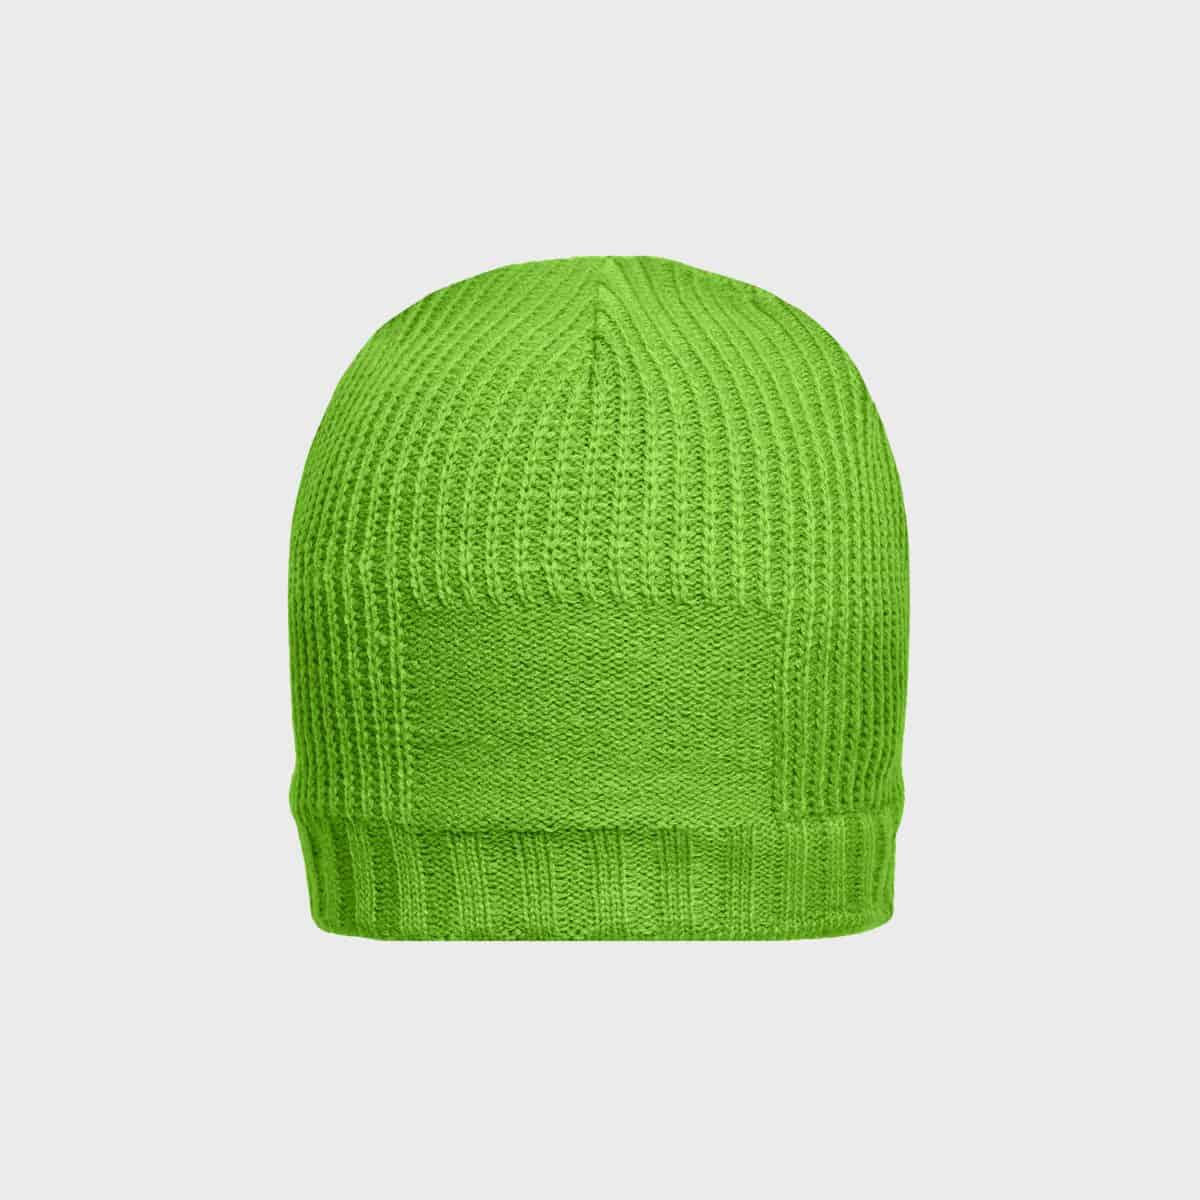 ripp-strickmütze-green-kaufen-besticken_stickmanufaktur